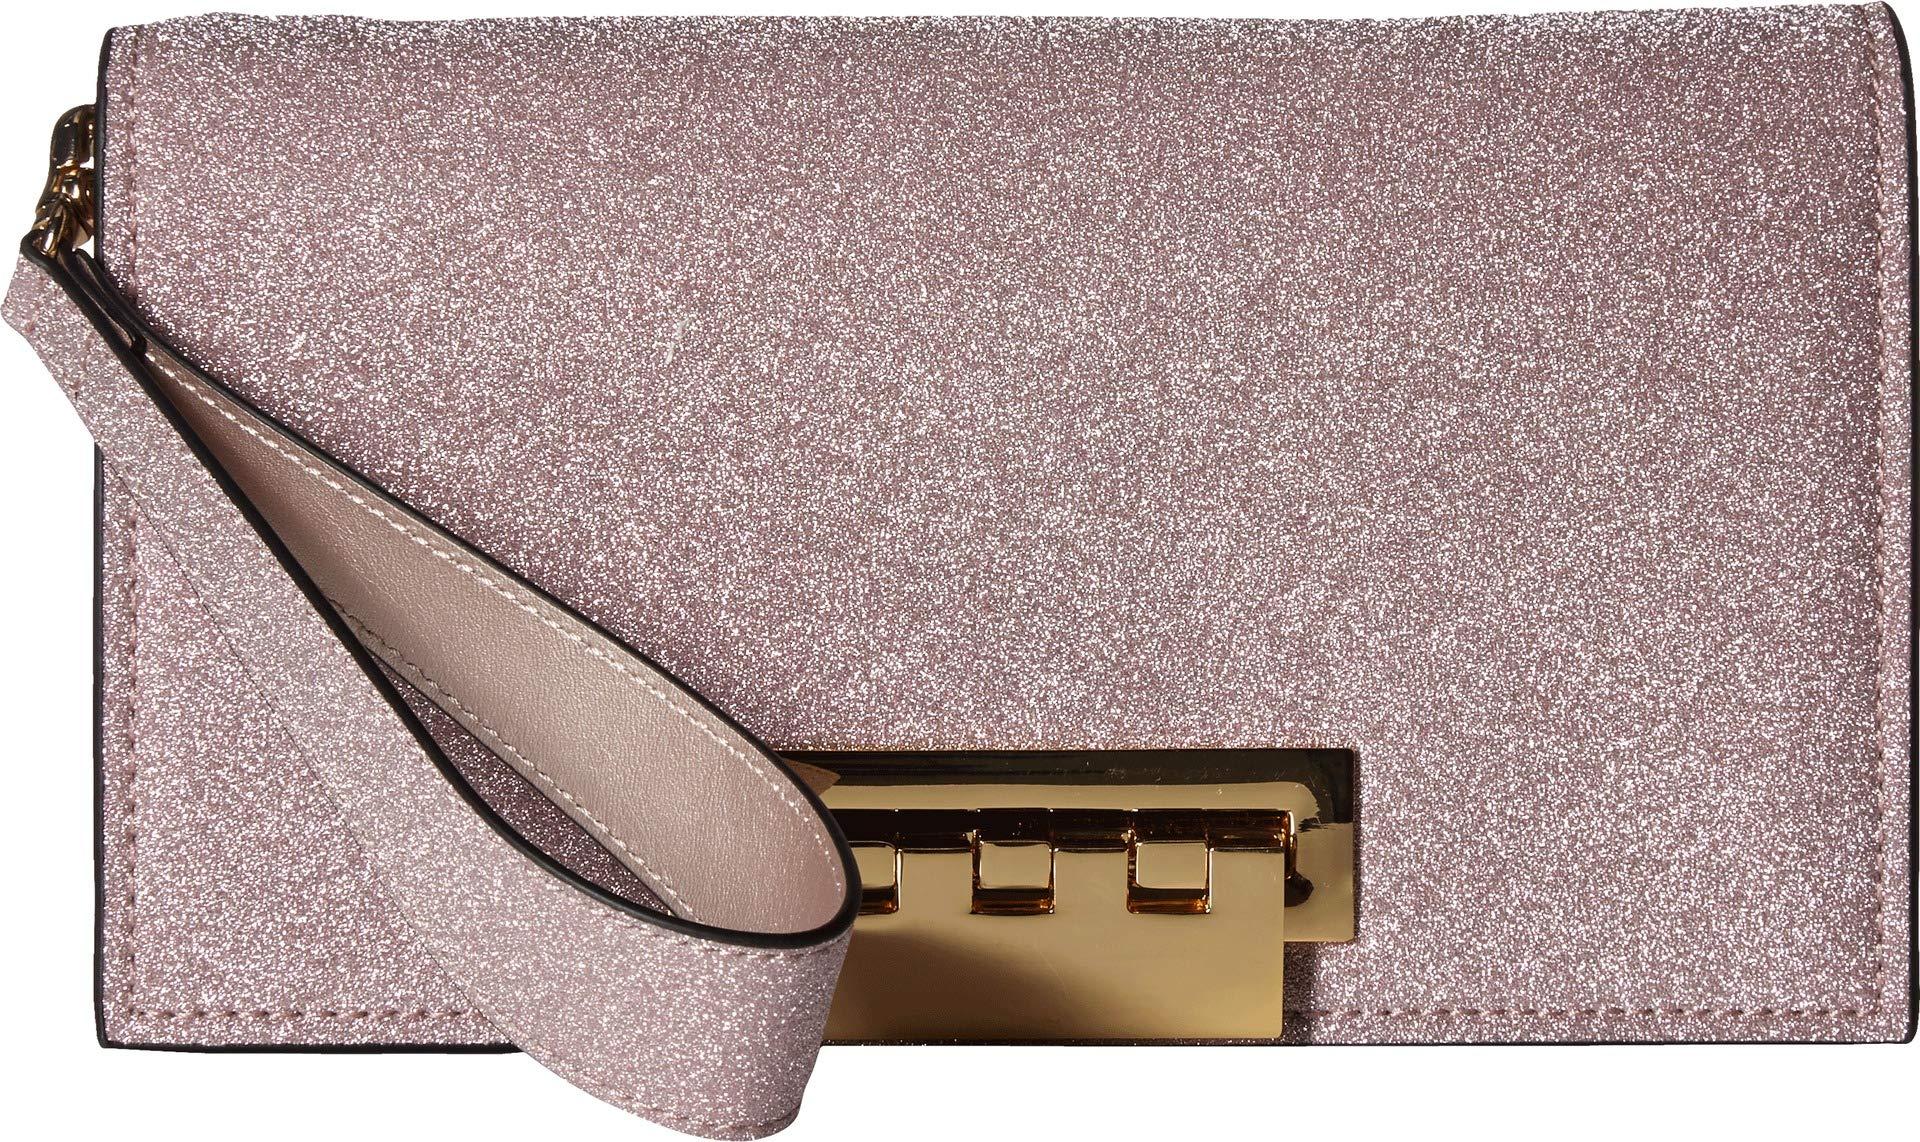 ZAC Zac Posen Women's Earthette Clutch Multi Glitter One Size